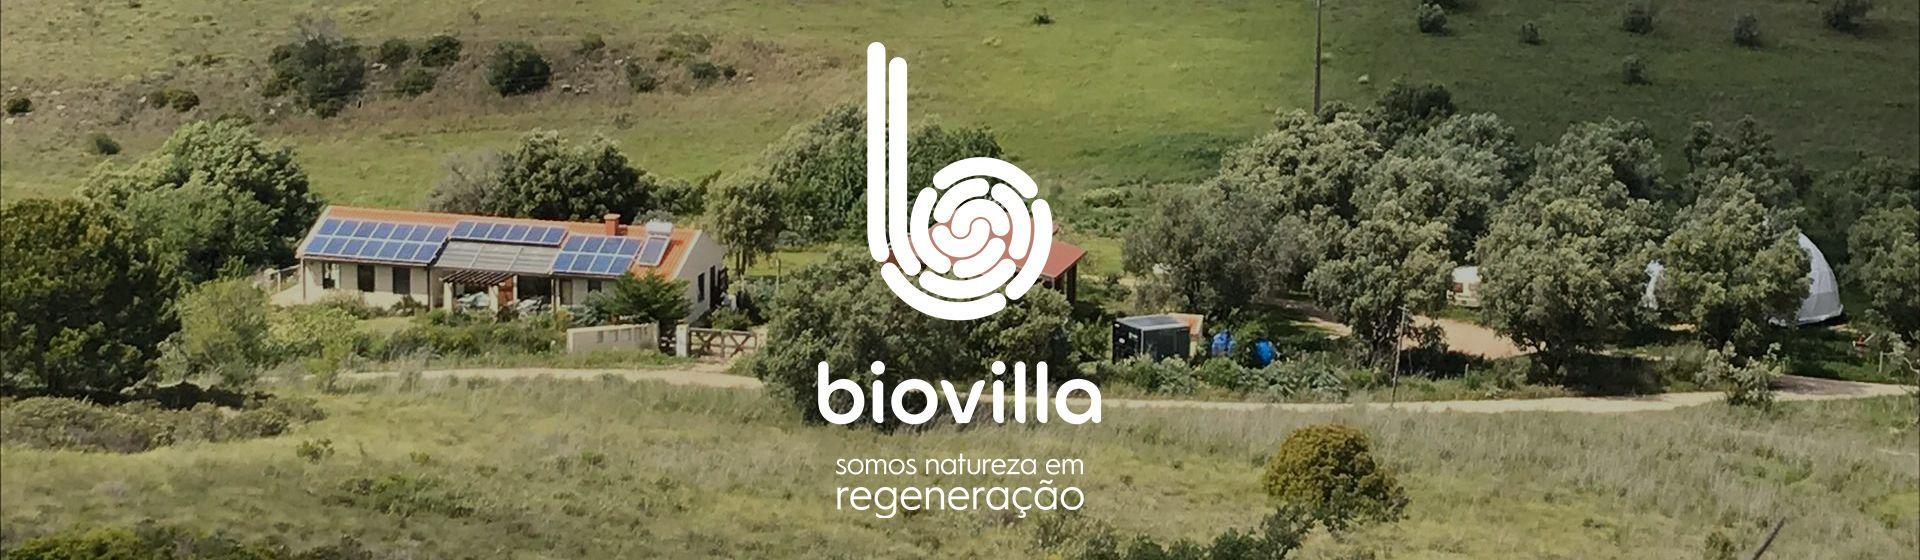 biovilla_somos natureza em regeneração